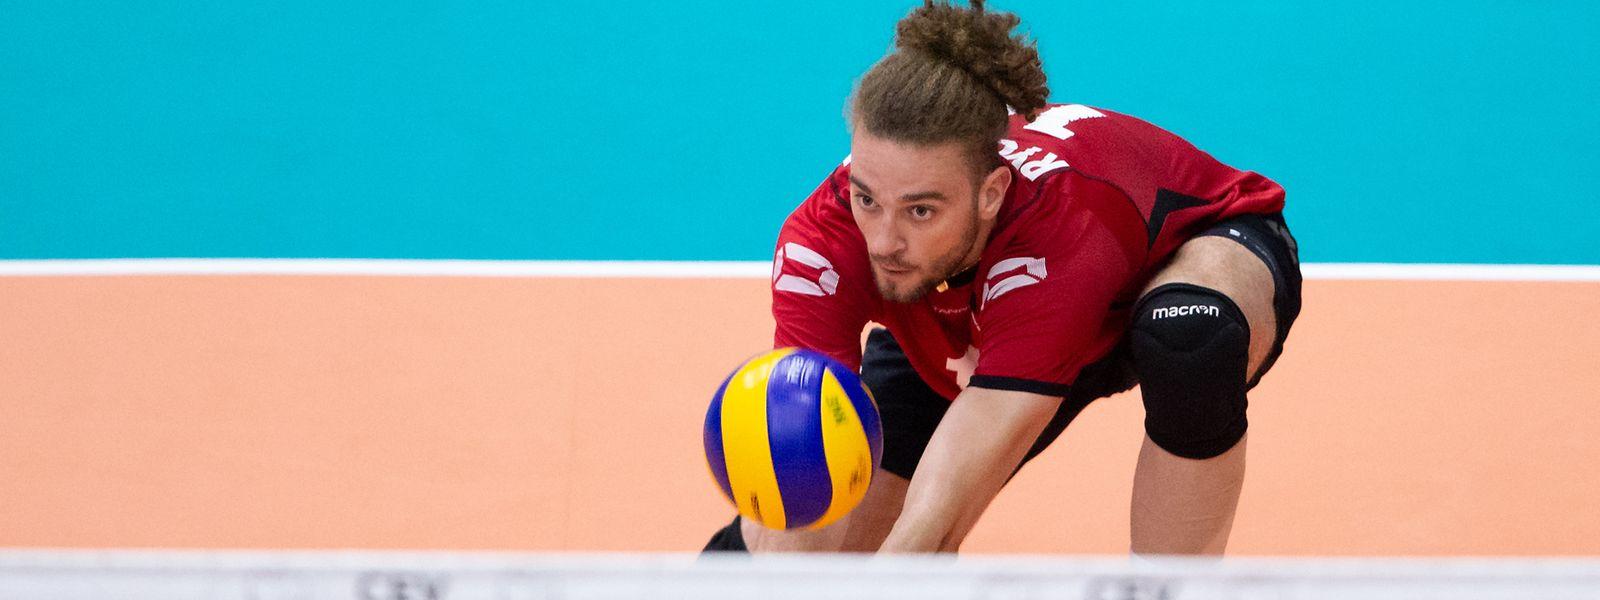 Kamil Rychlicki weiß, dass die Luxemburger Nationalmannschaft einen wichtigen Teil zu seiner Entwicklung beigetragen hat.